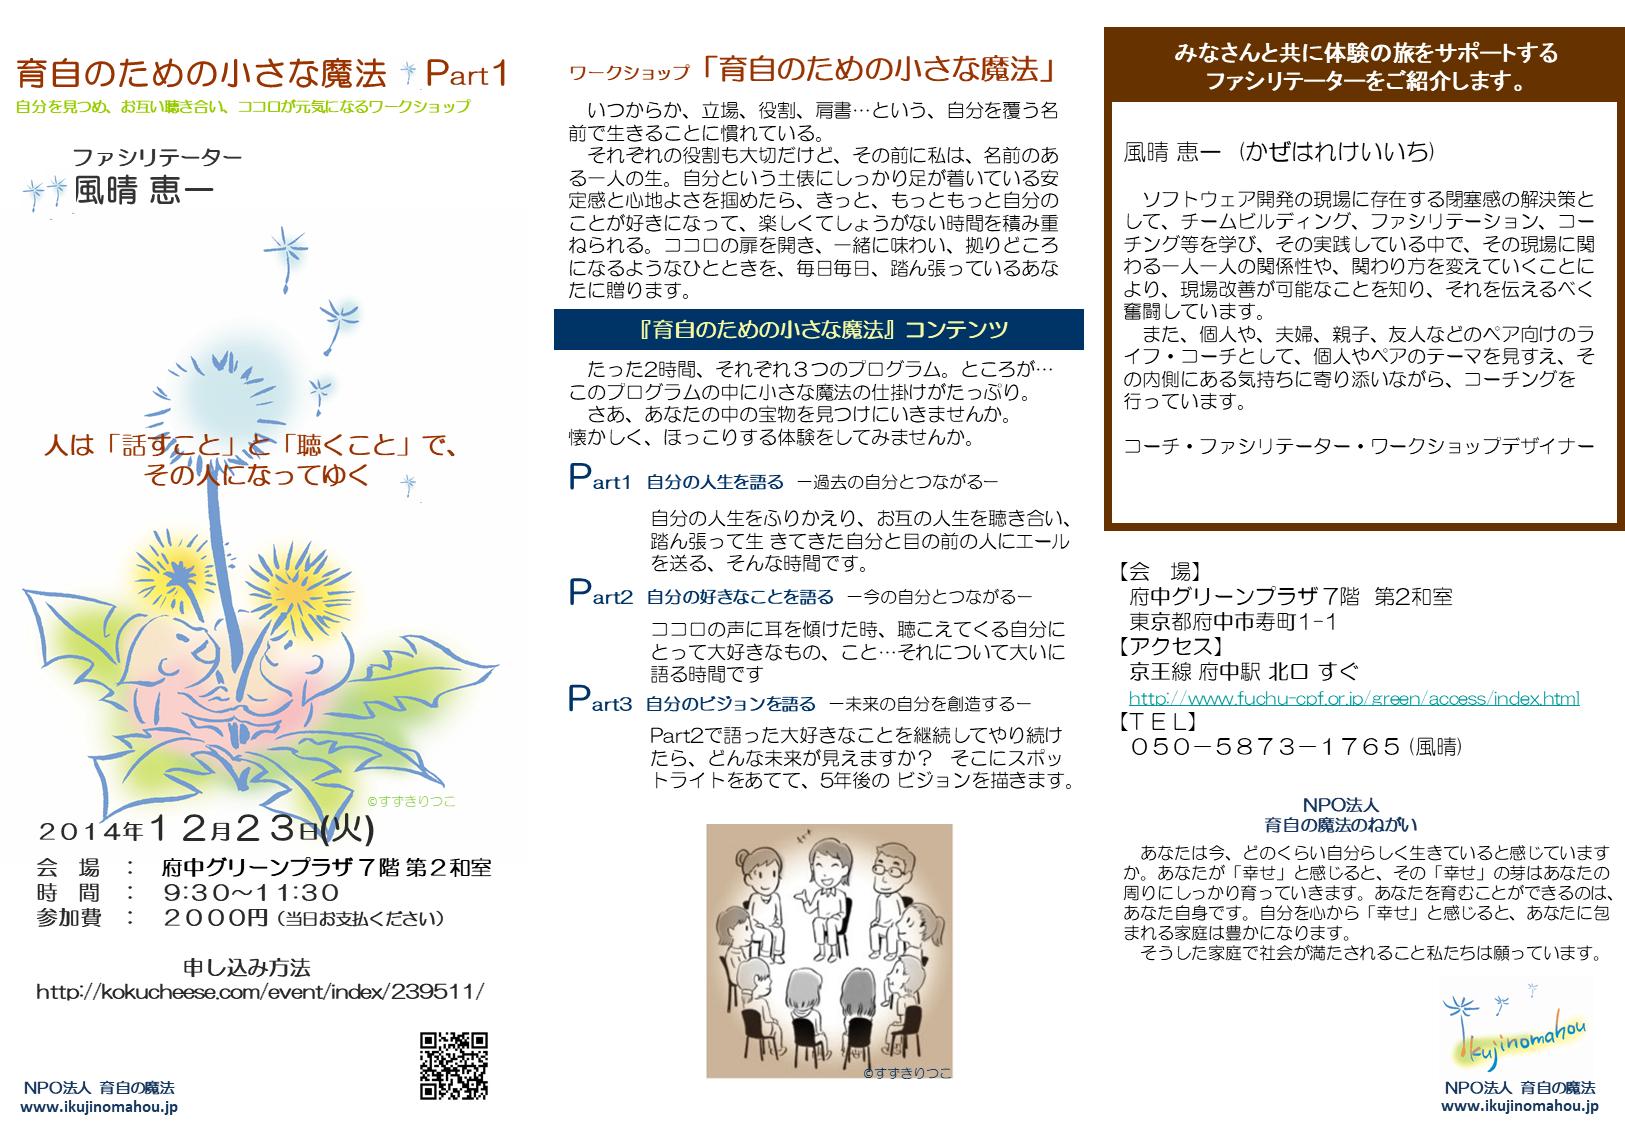 (2014/12/23)育自のための小さな魔法(Part1)@東京・府中 を開催します